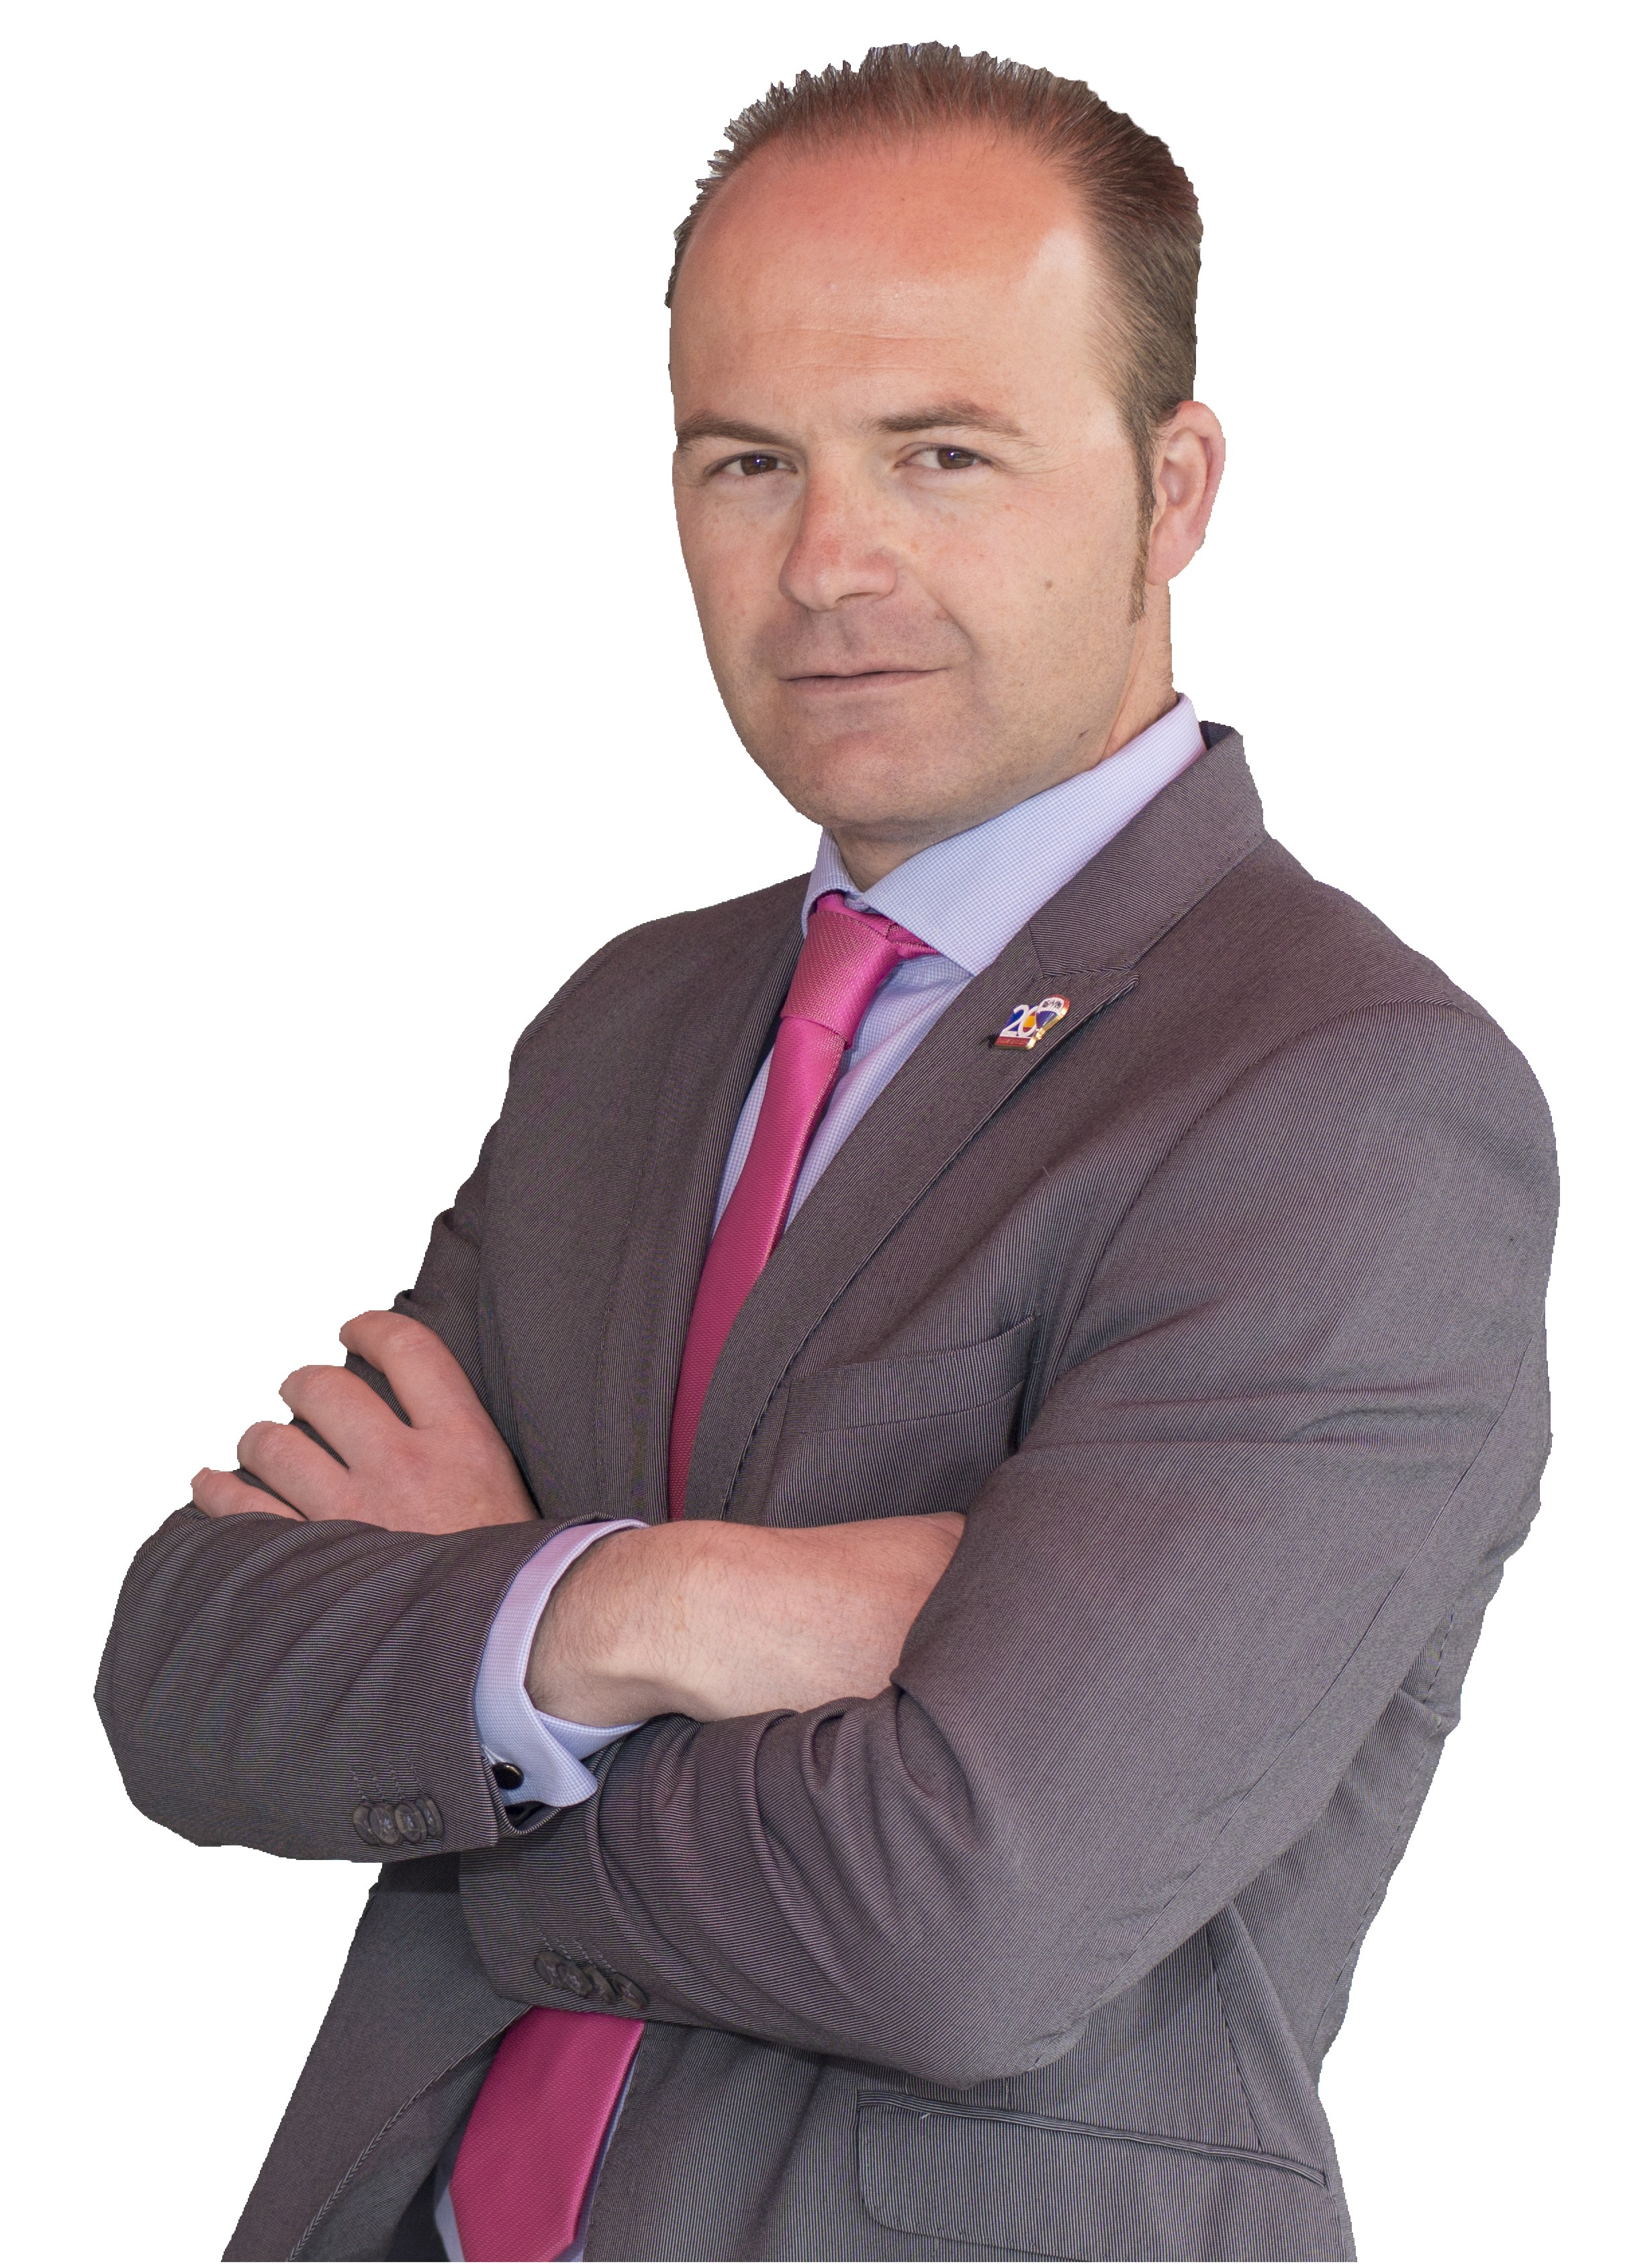 Gregorio Mata